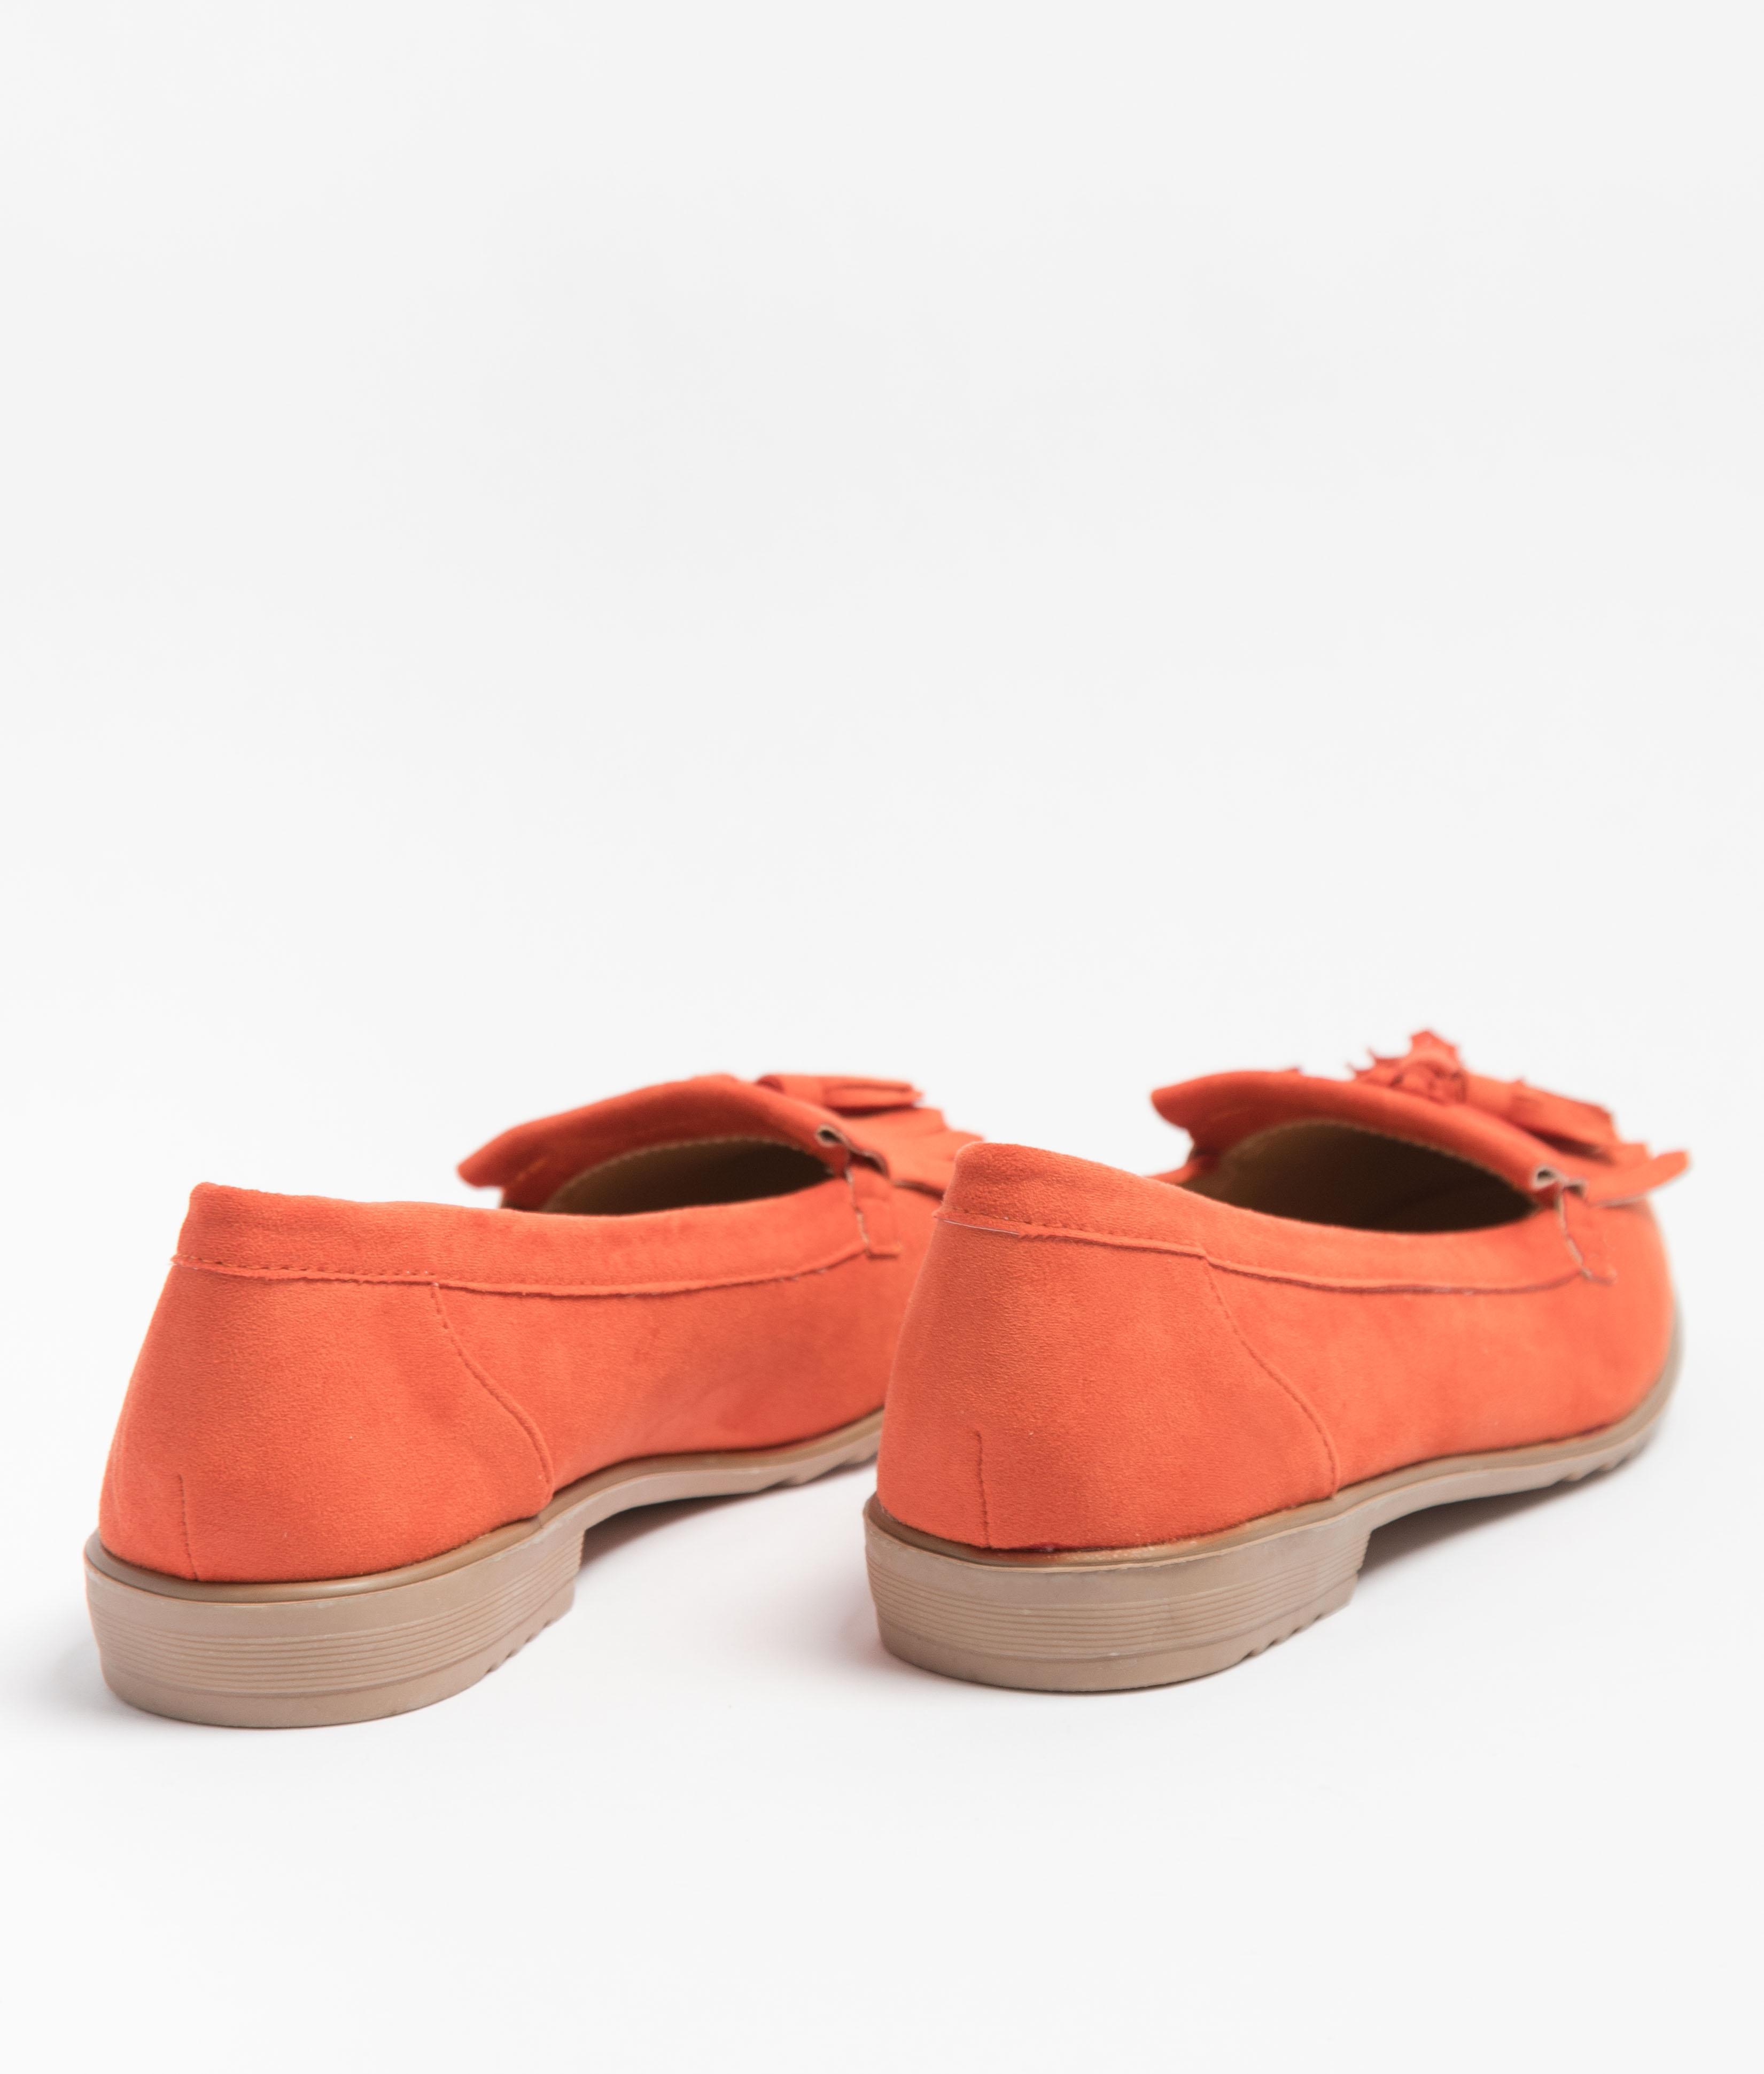 Zapatito Canadiense - Naranja